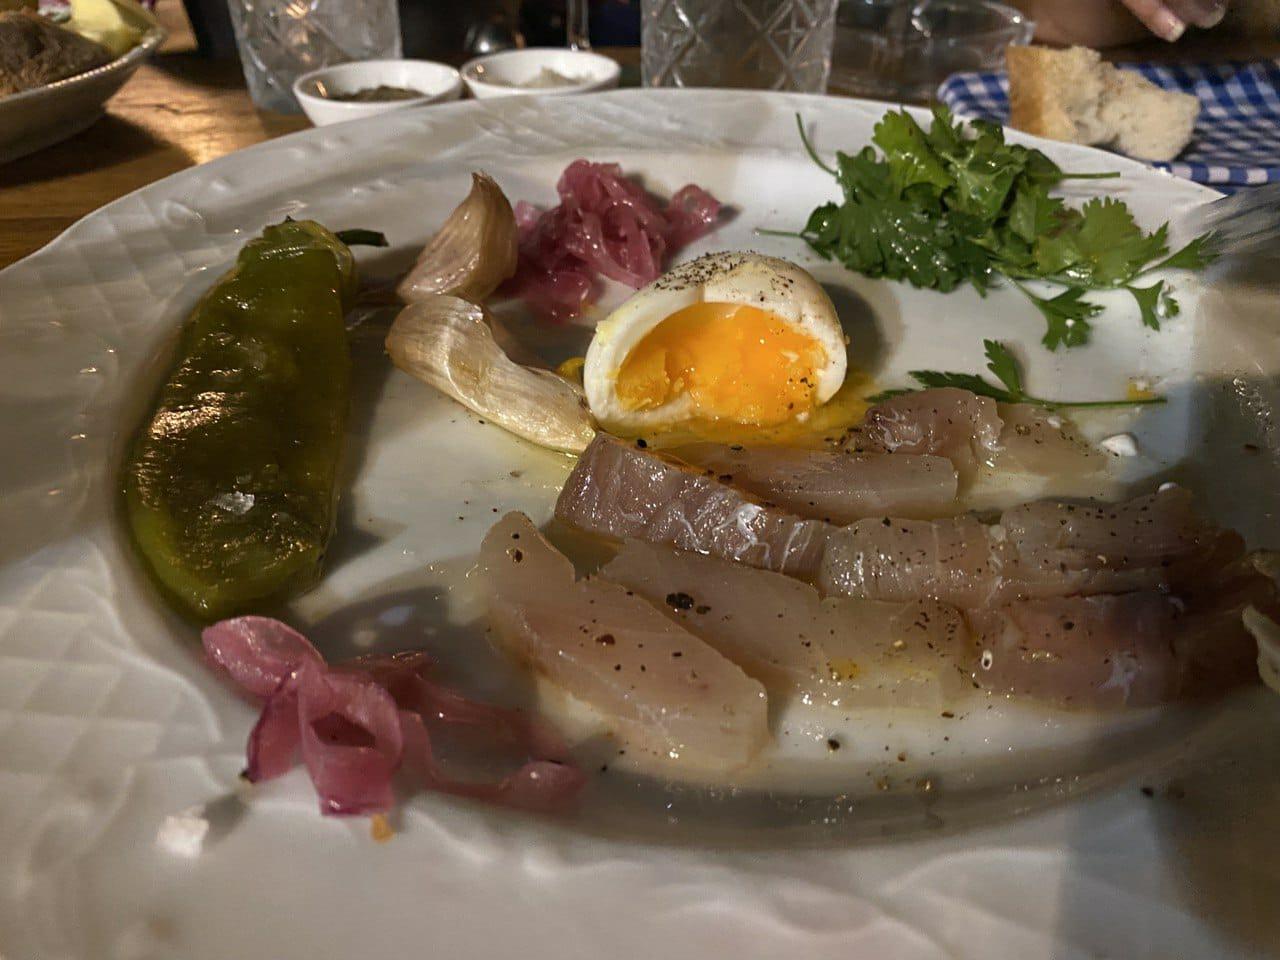 המסעדות הטובות ביותר ב תל אביב - הבסטה